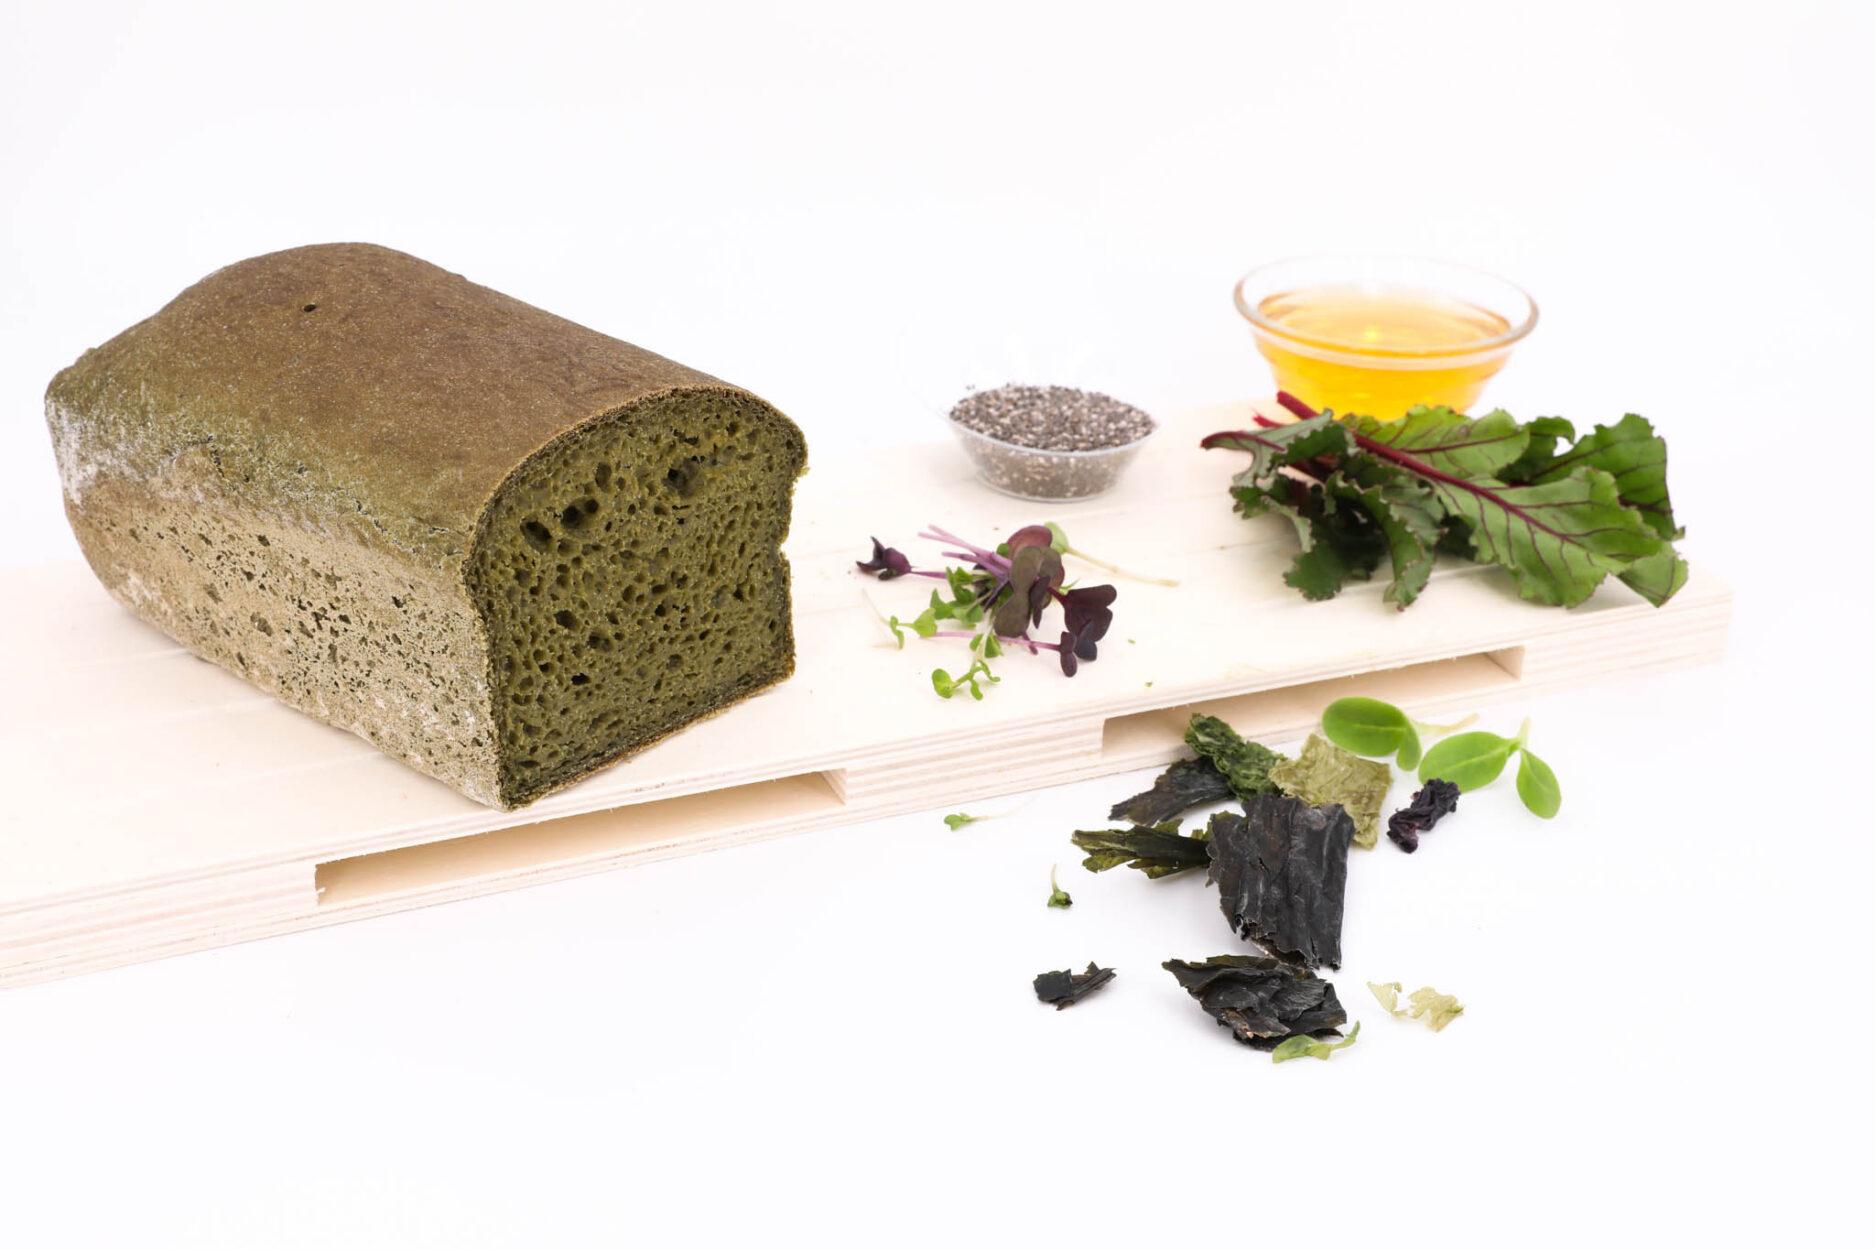 gastronomica-alimentos-nicoletalupuagency (8 of 84)